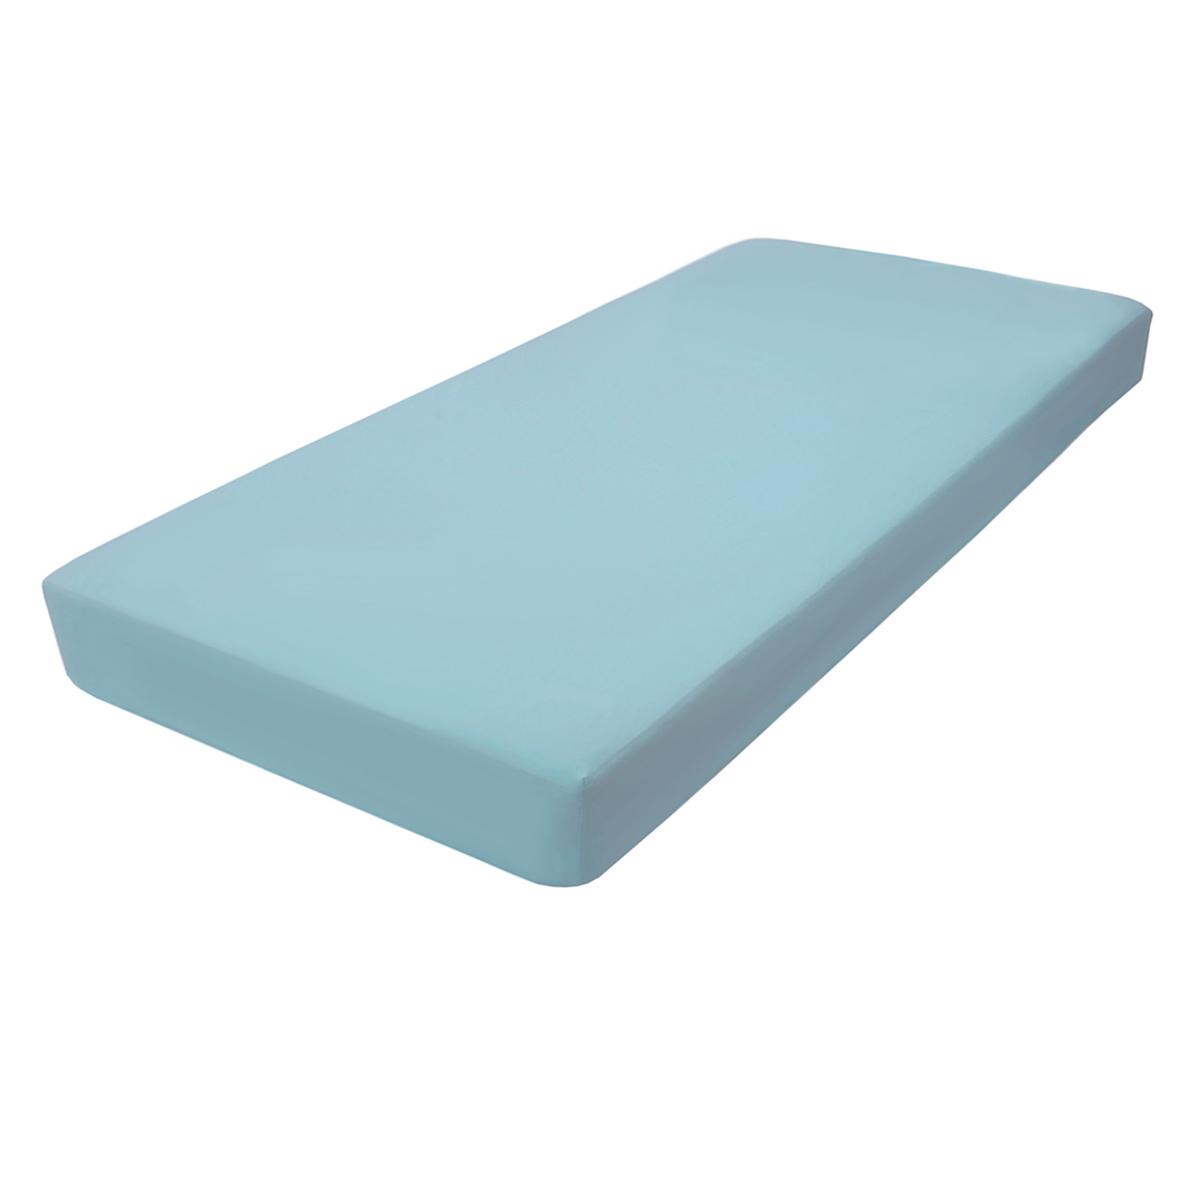 Простыня LIMETIME Sateen Comfort, голубой